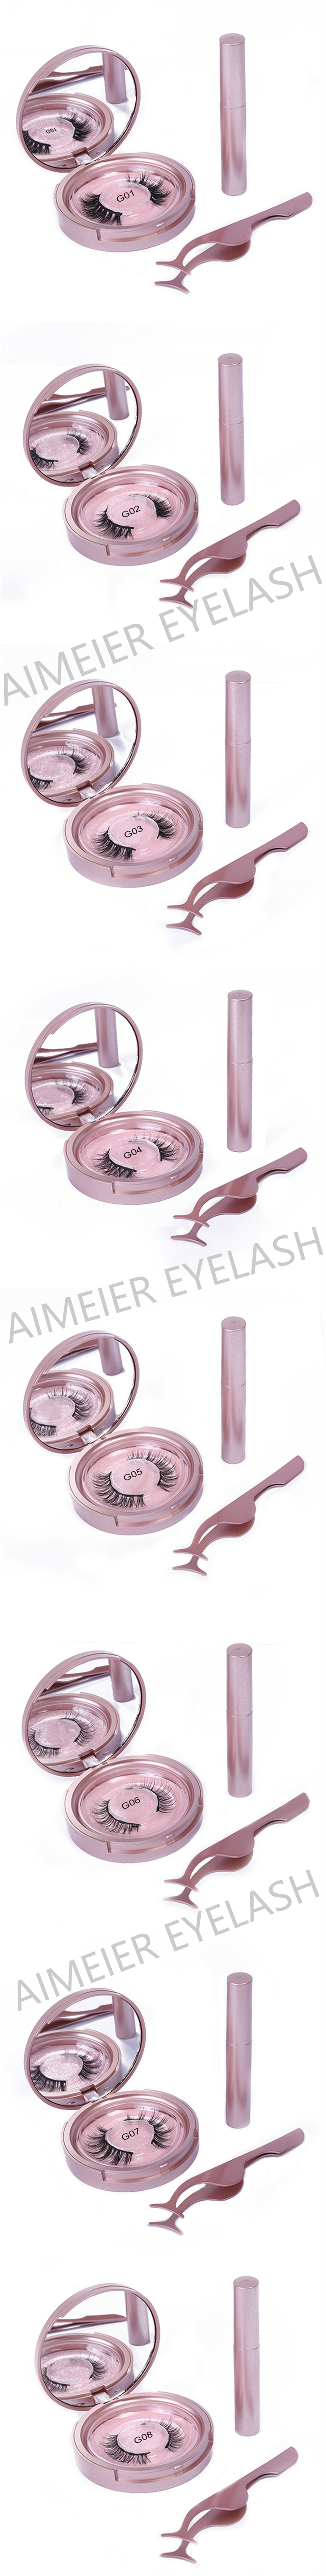 waterproof safety good price false eyelash lashes 3d mink eyelashes